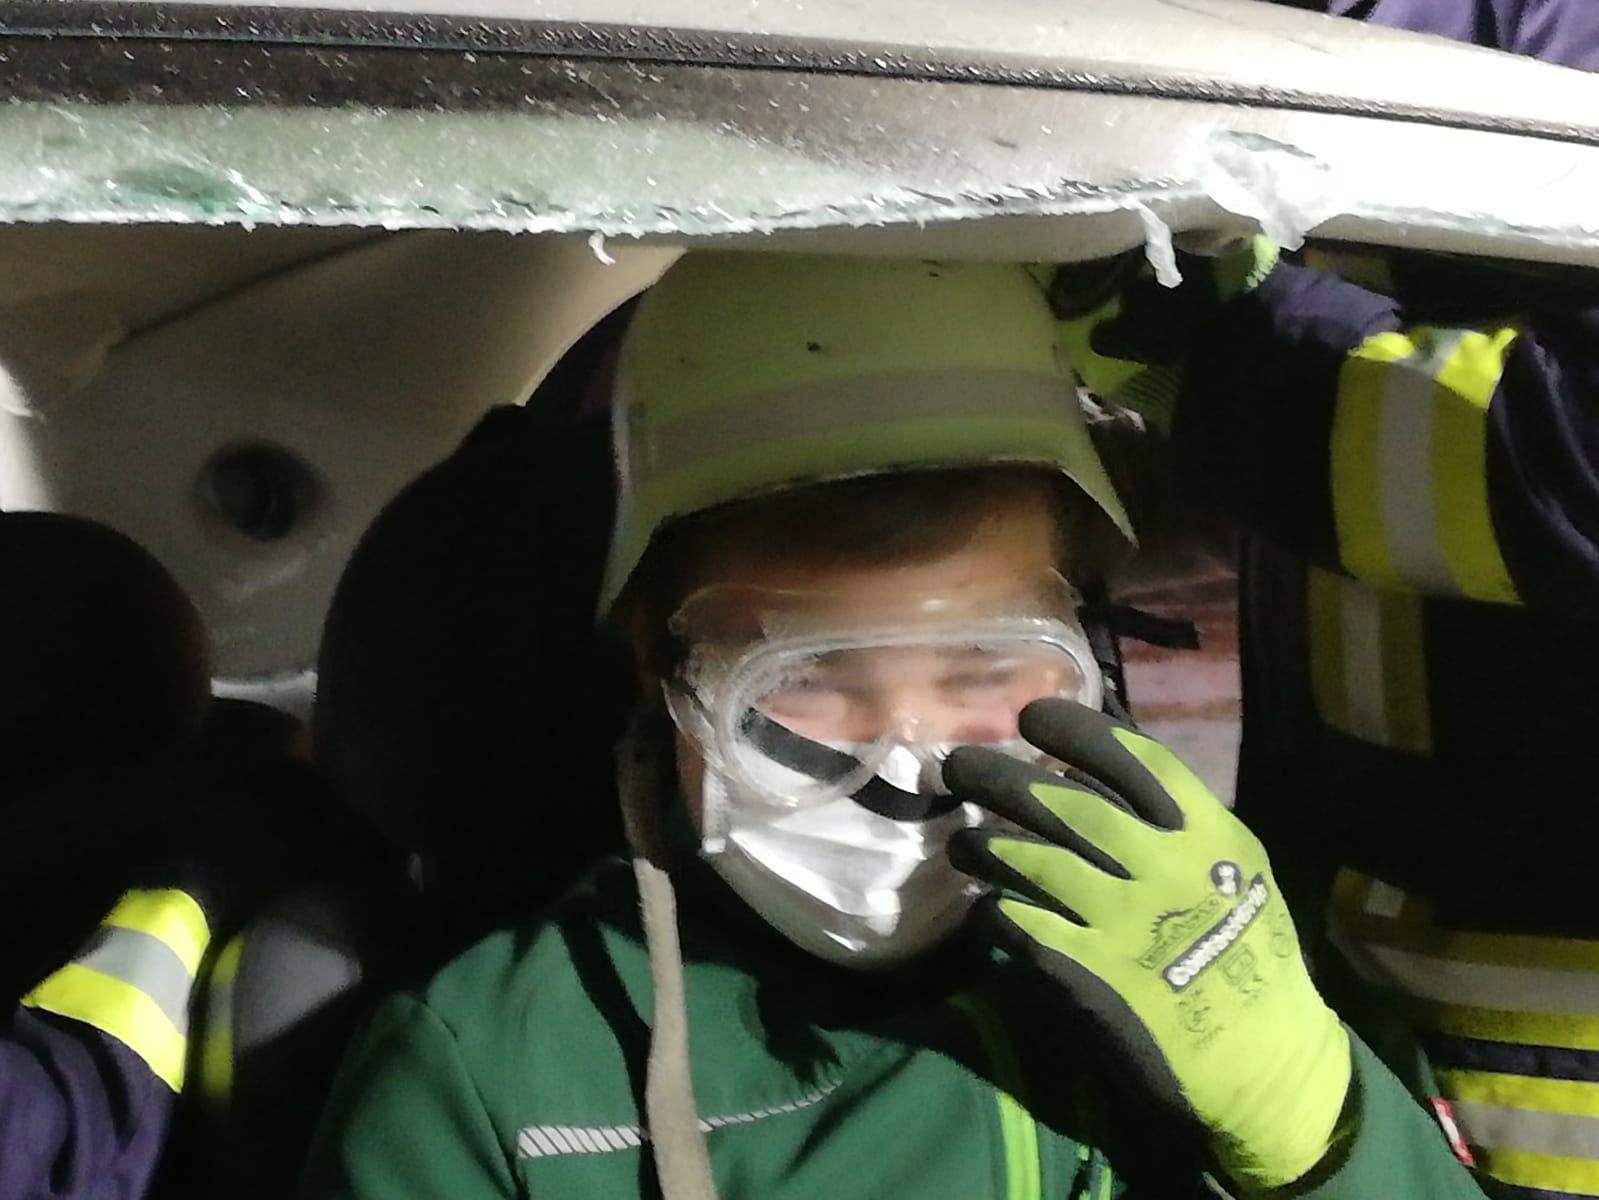 2019-10-23_Feuerwehr-trainiert-Verkehrsunfallhilfe_08